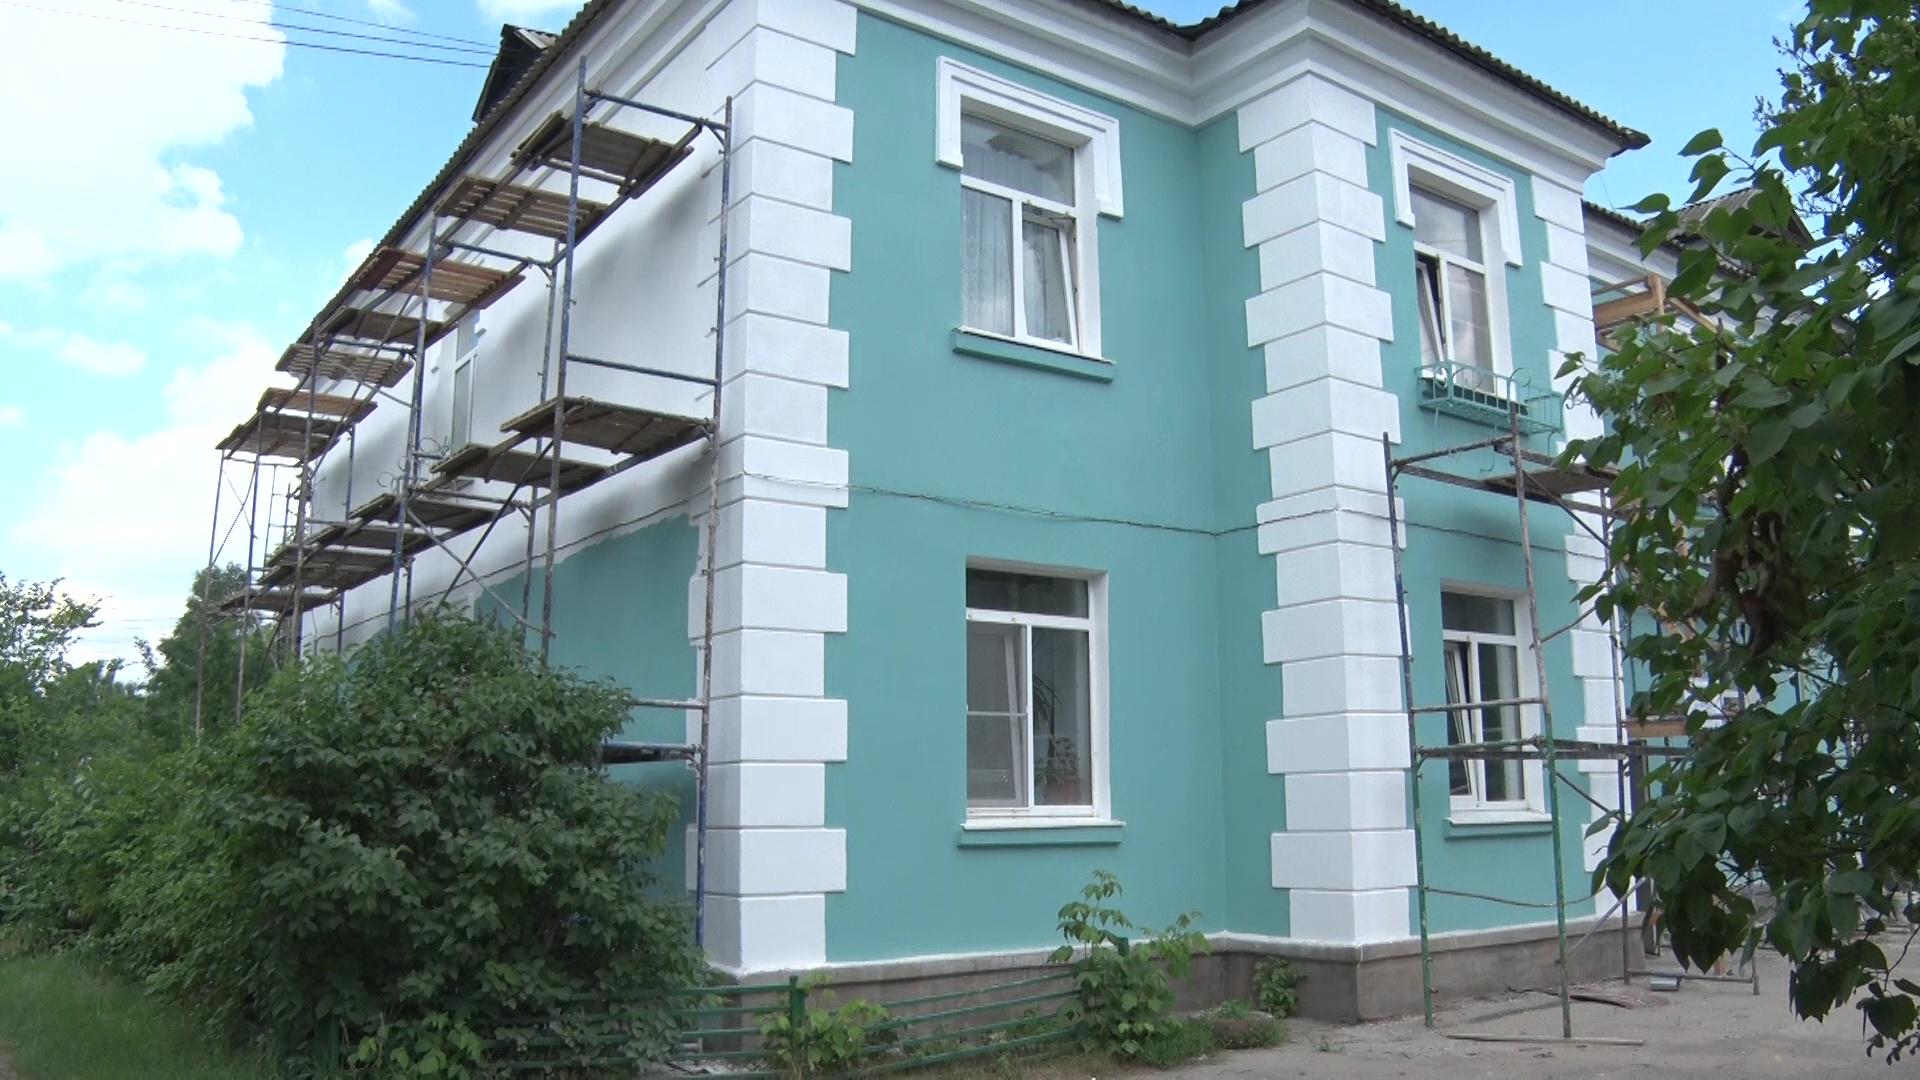 На улице Клубной в Ярославле капитально отремонтировали двухэтажный дом